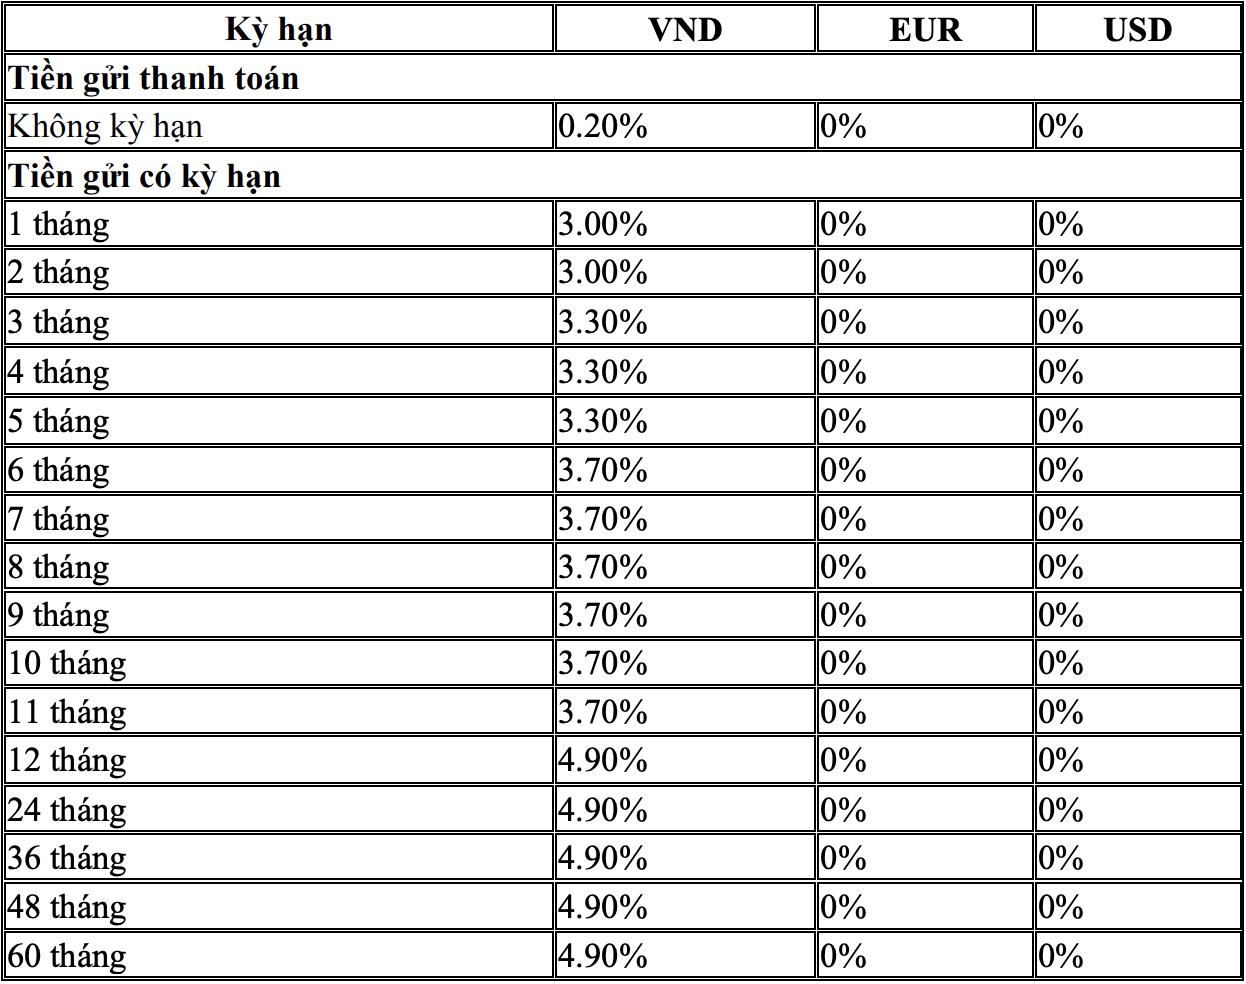 Lãi suất ngân hàng BIDV mới nhất tháng 10/2021 - Ảnh 3.